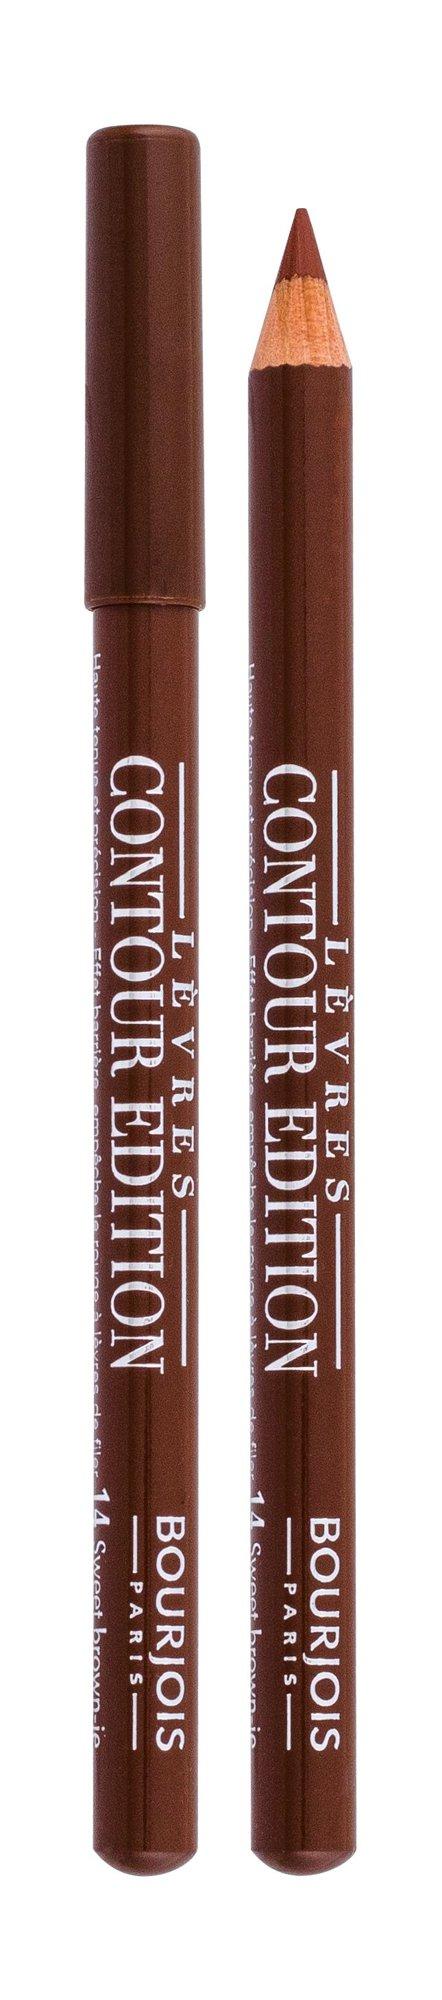 BOURJOIS Paris Contour Edition Lip Pencil 1,14ml 14 Sweet Brown-ie